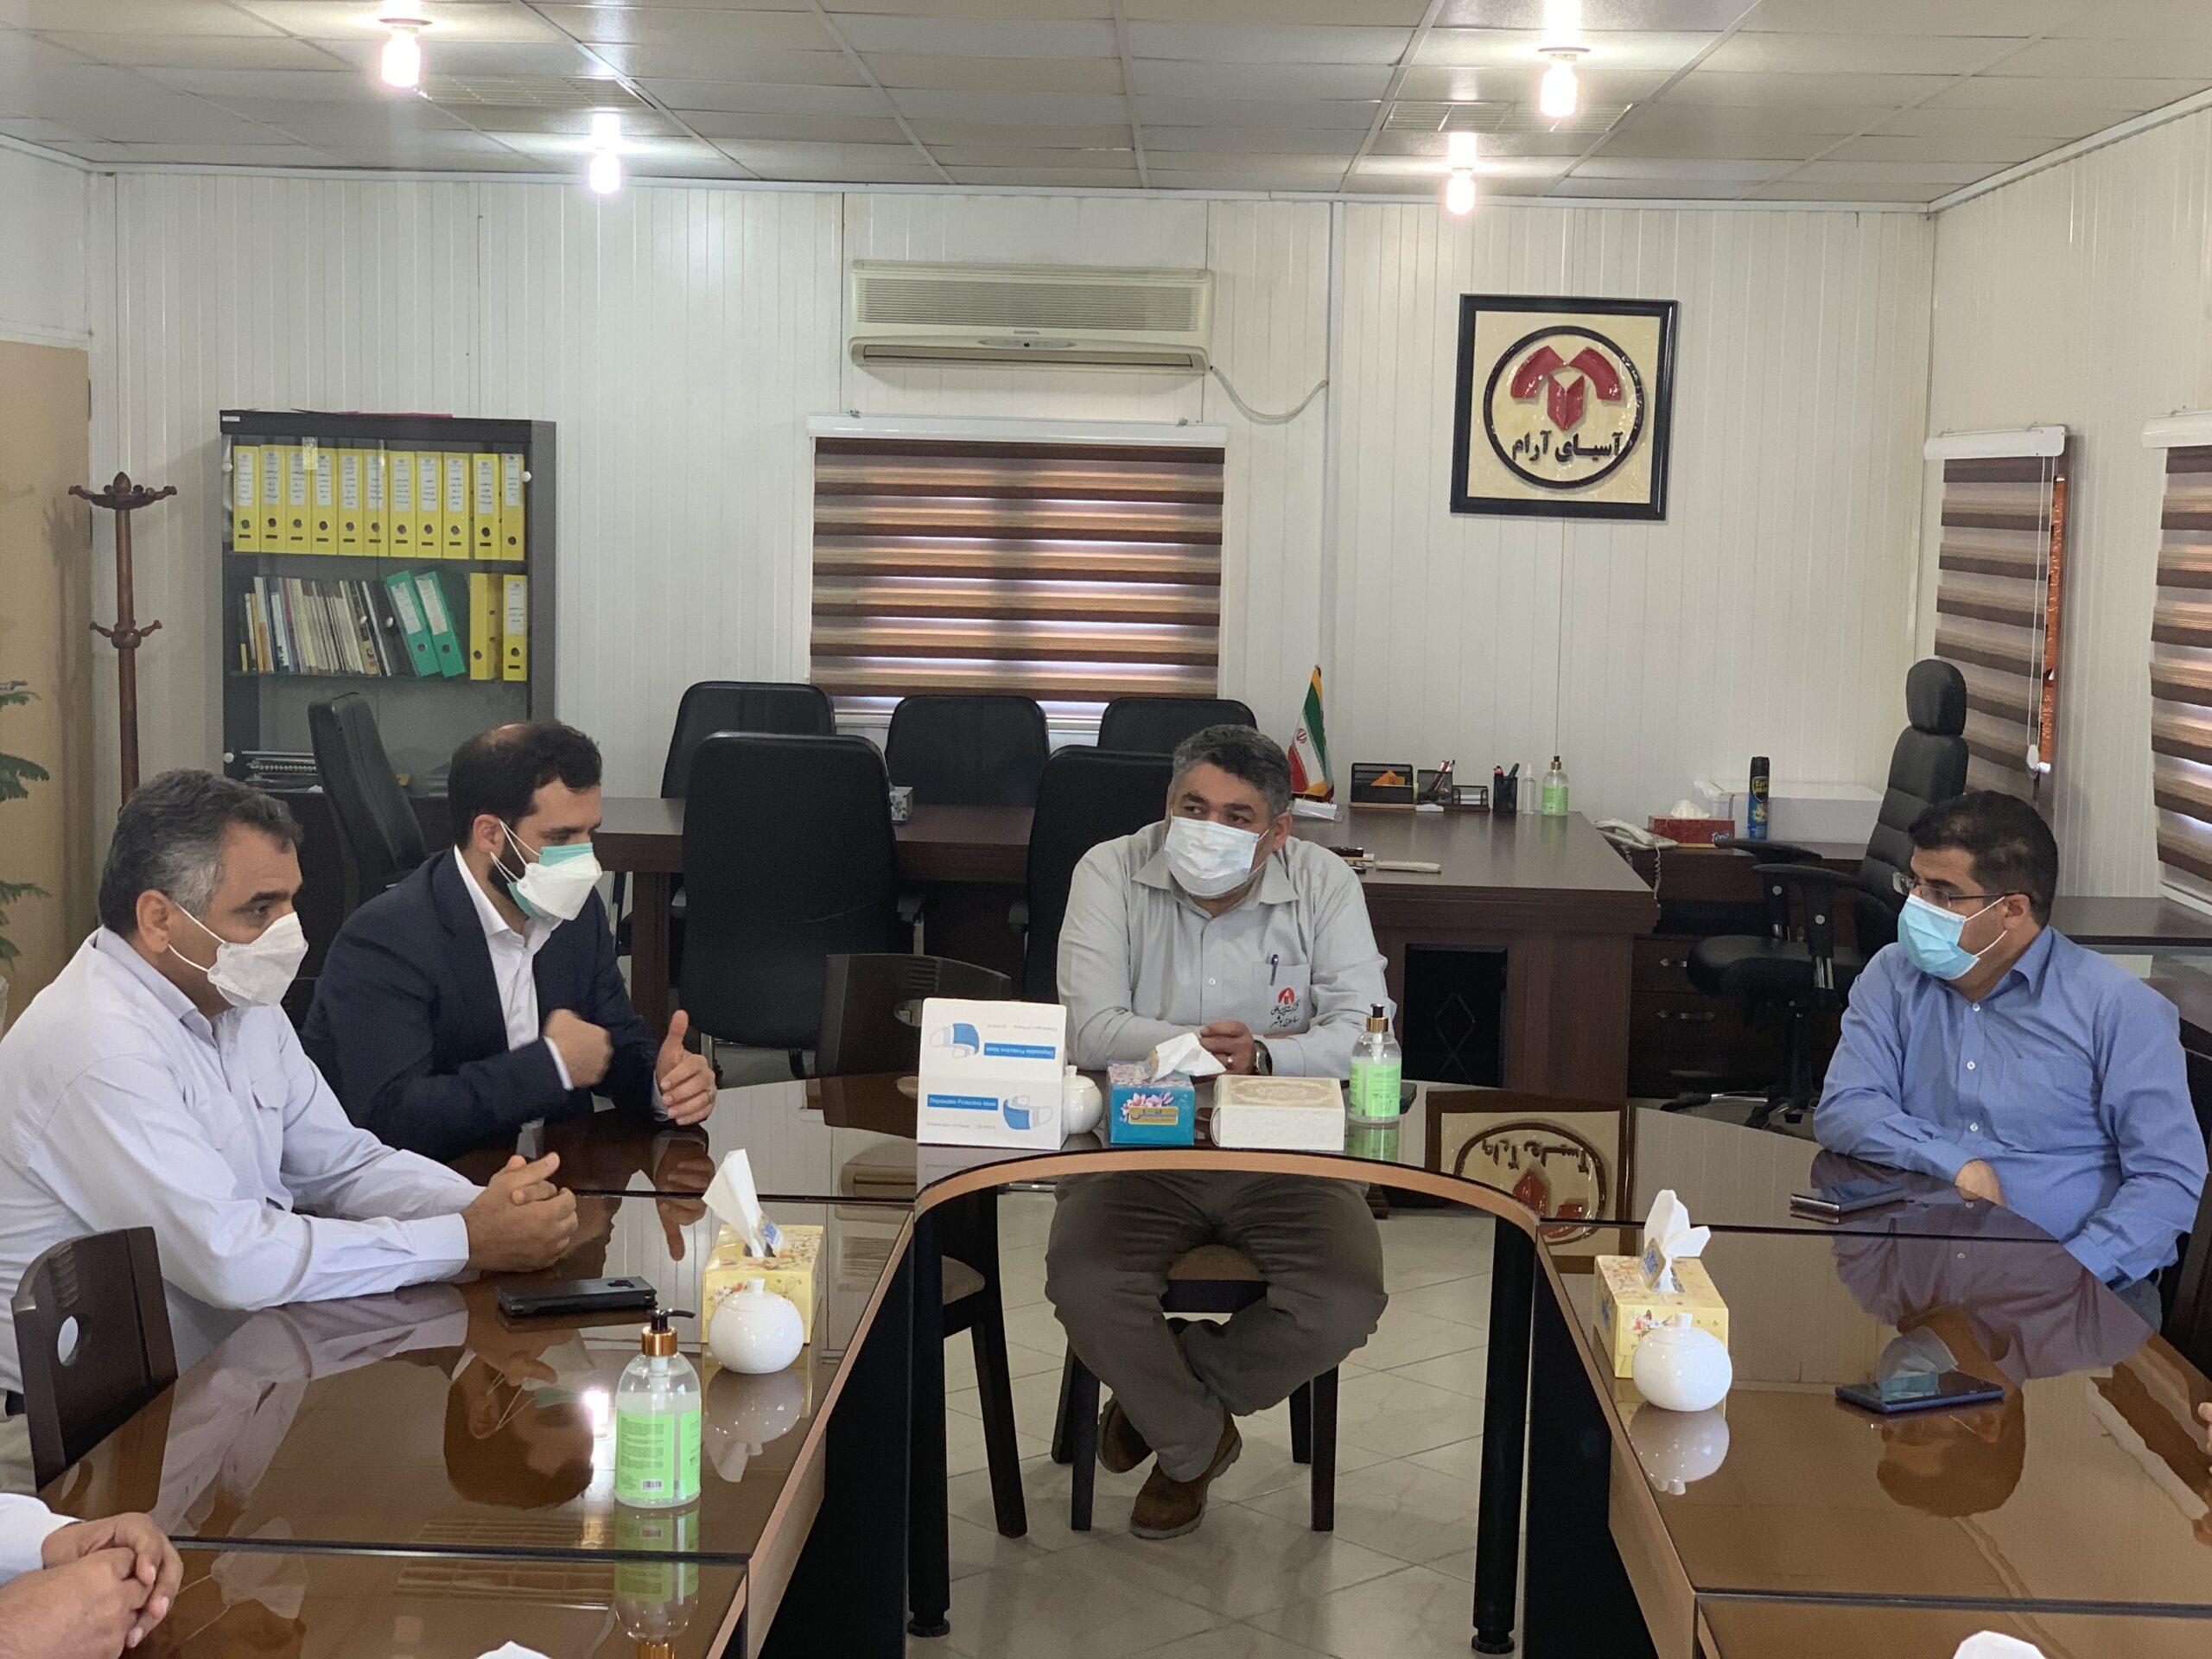 مراسم معارفه جناب آقای دکتر امامی به عنوان مدیر عامل جدید شرکت آسیای آرام